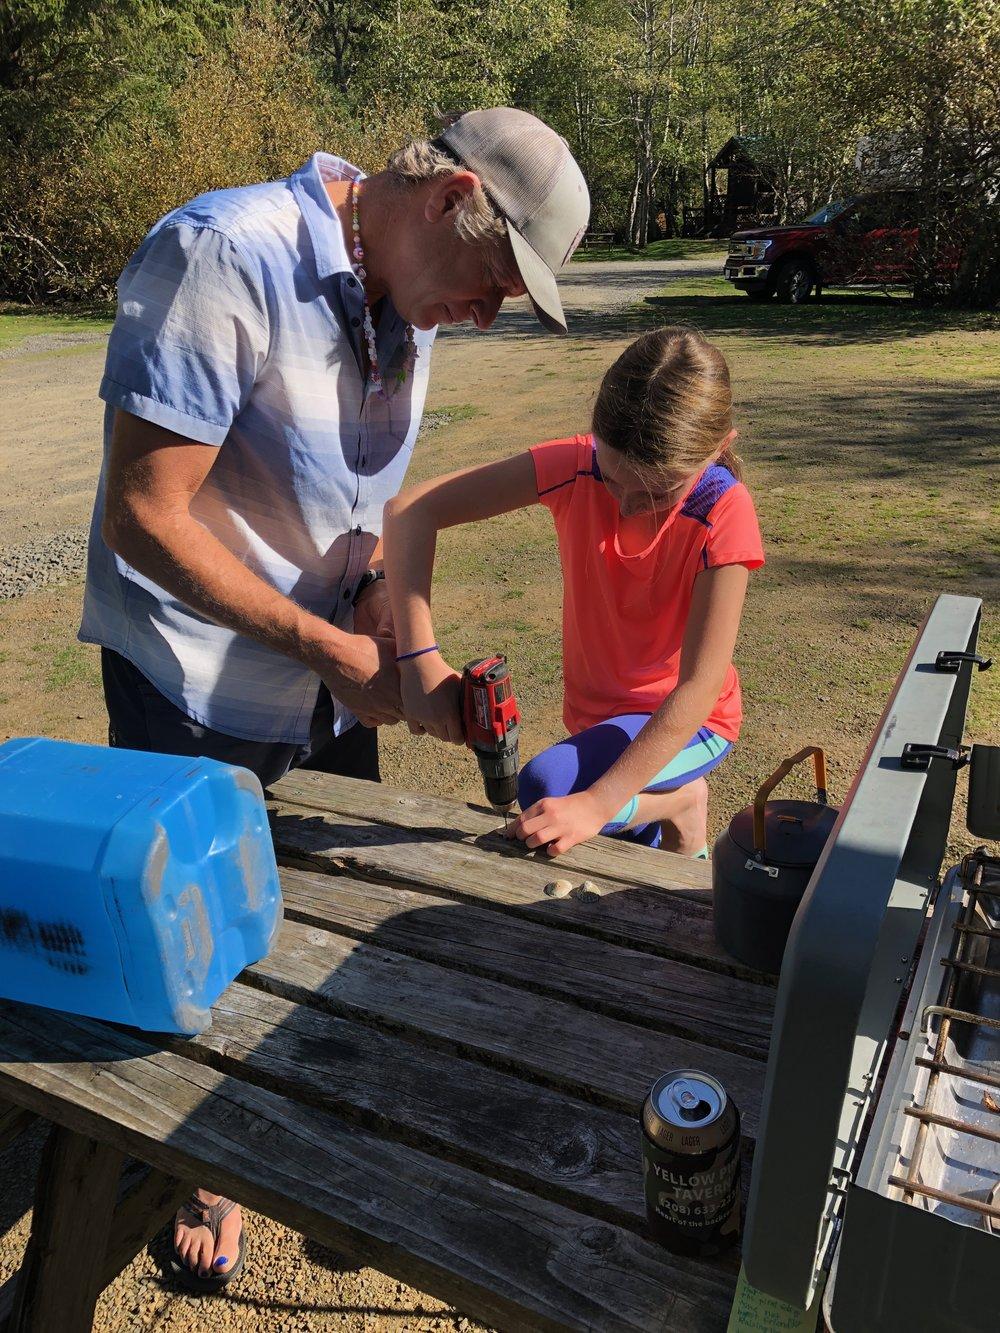 Crafting at camp